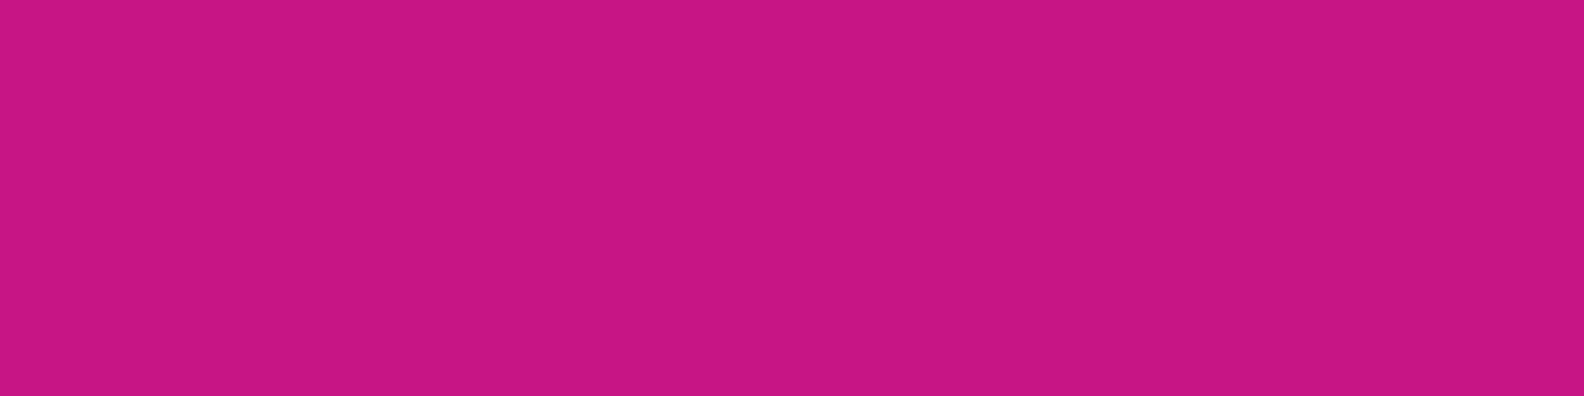 1584x396 Red-violet Solid Color Background